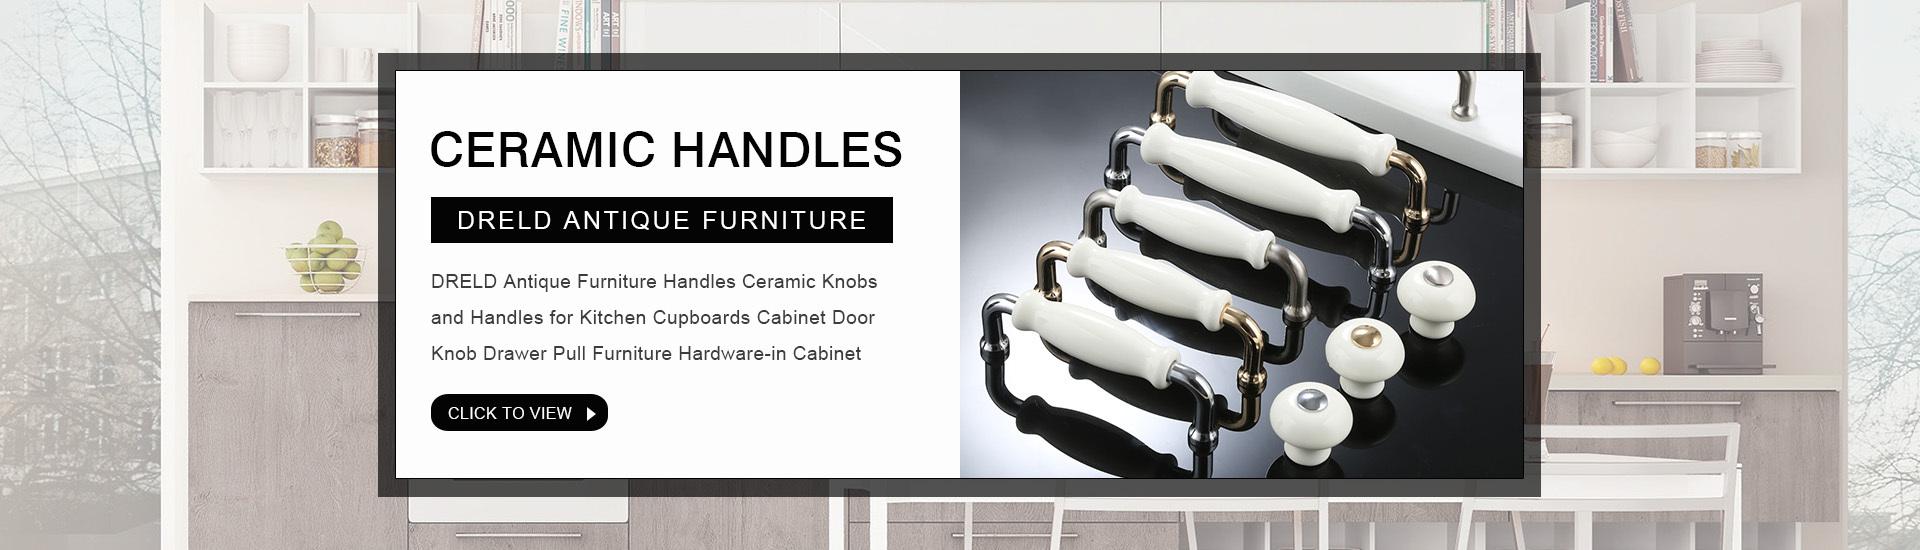 bifold door handles